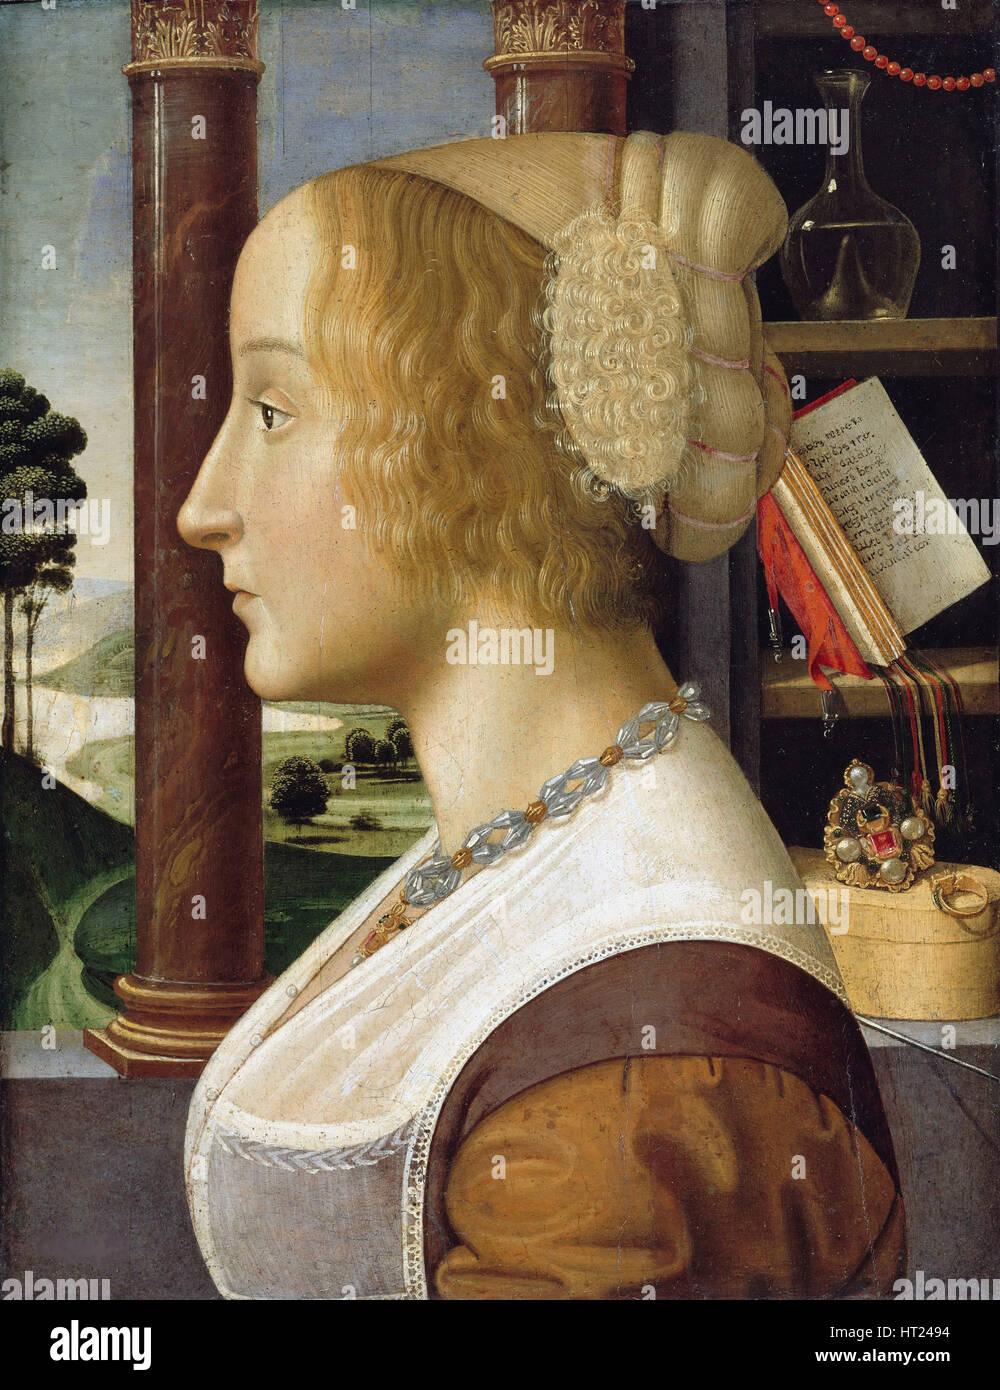 Profilbildnis einer jungen Frau. Künstler: Ghirlandaio, Davide (1452-1525) Stockbild